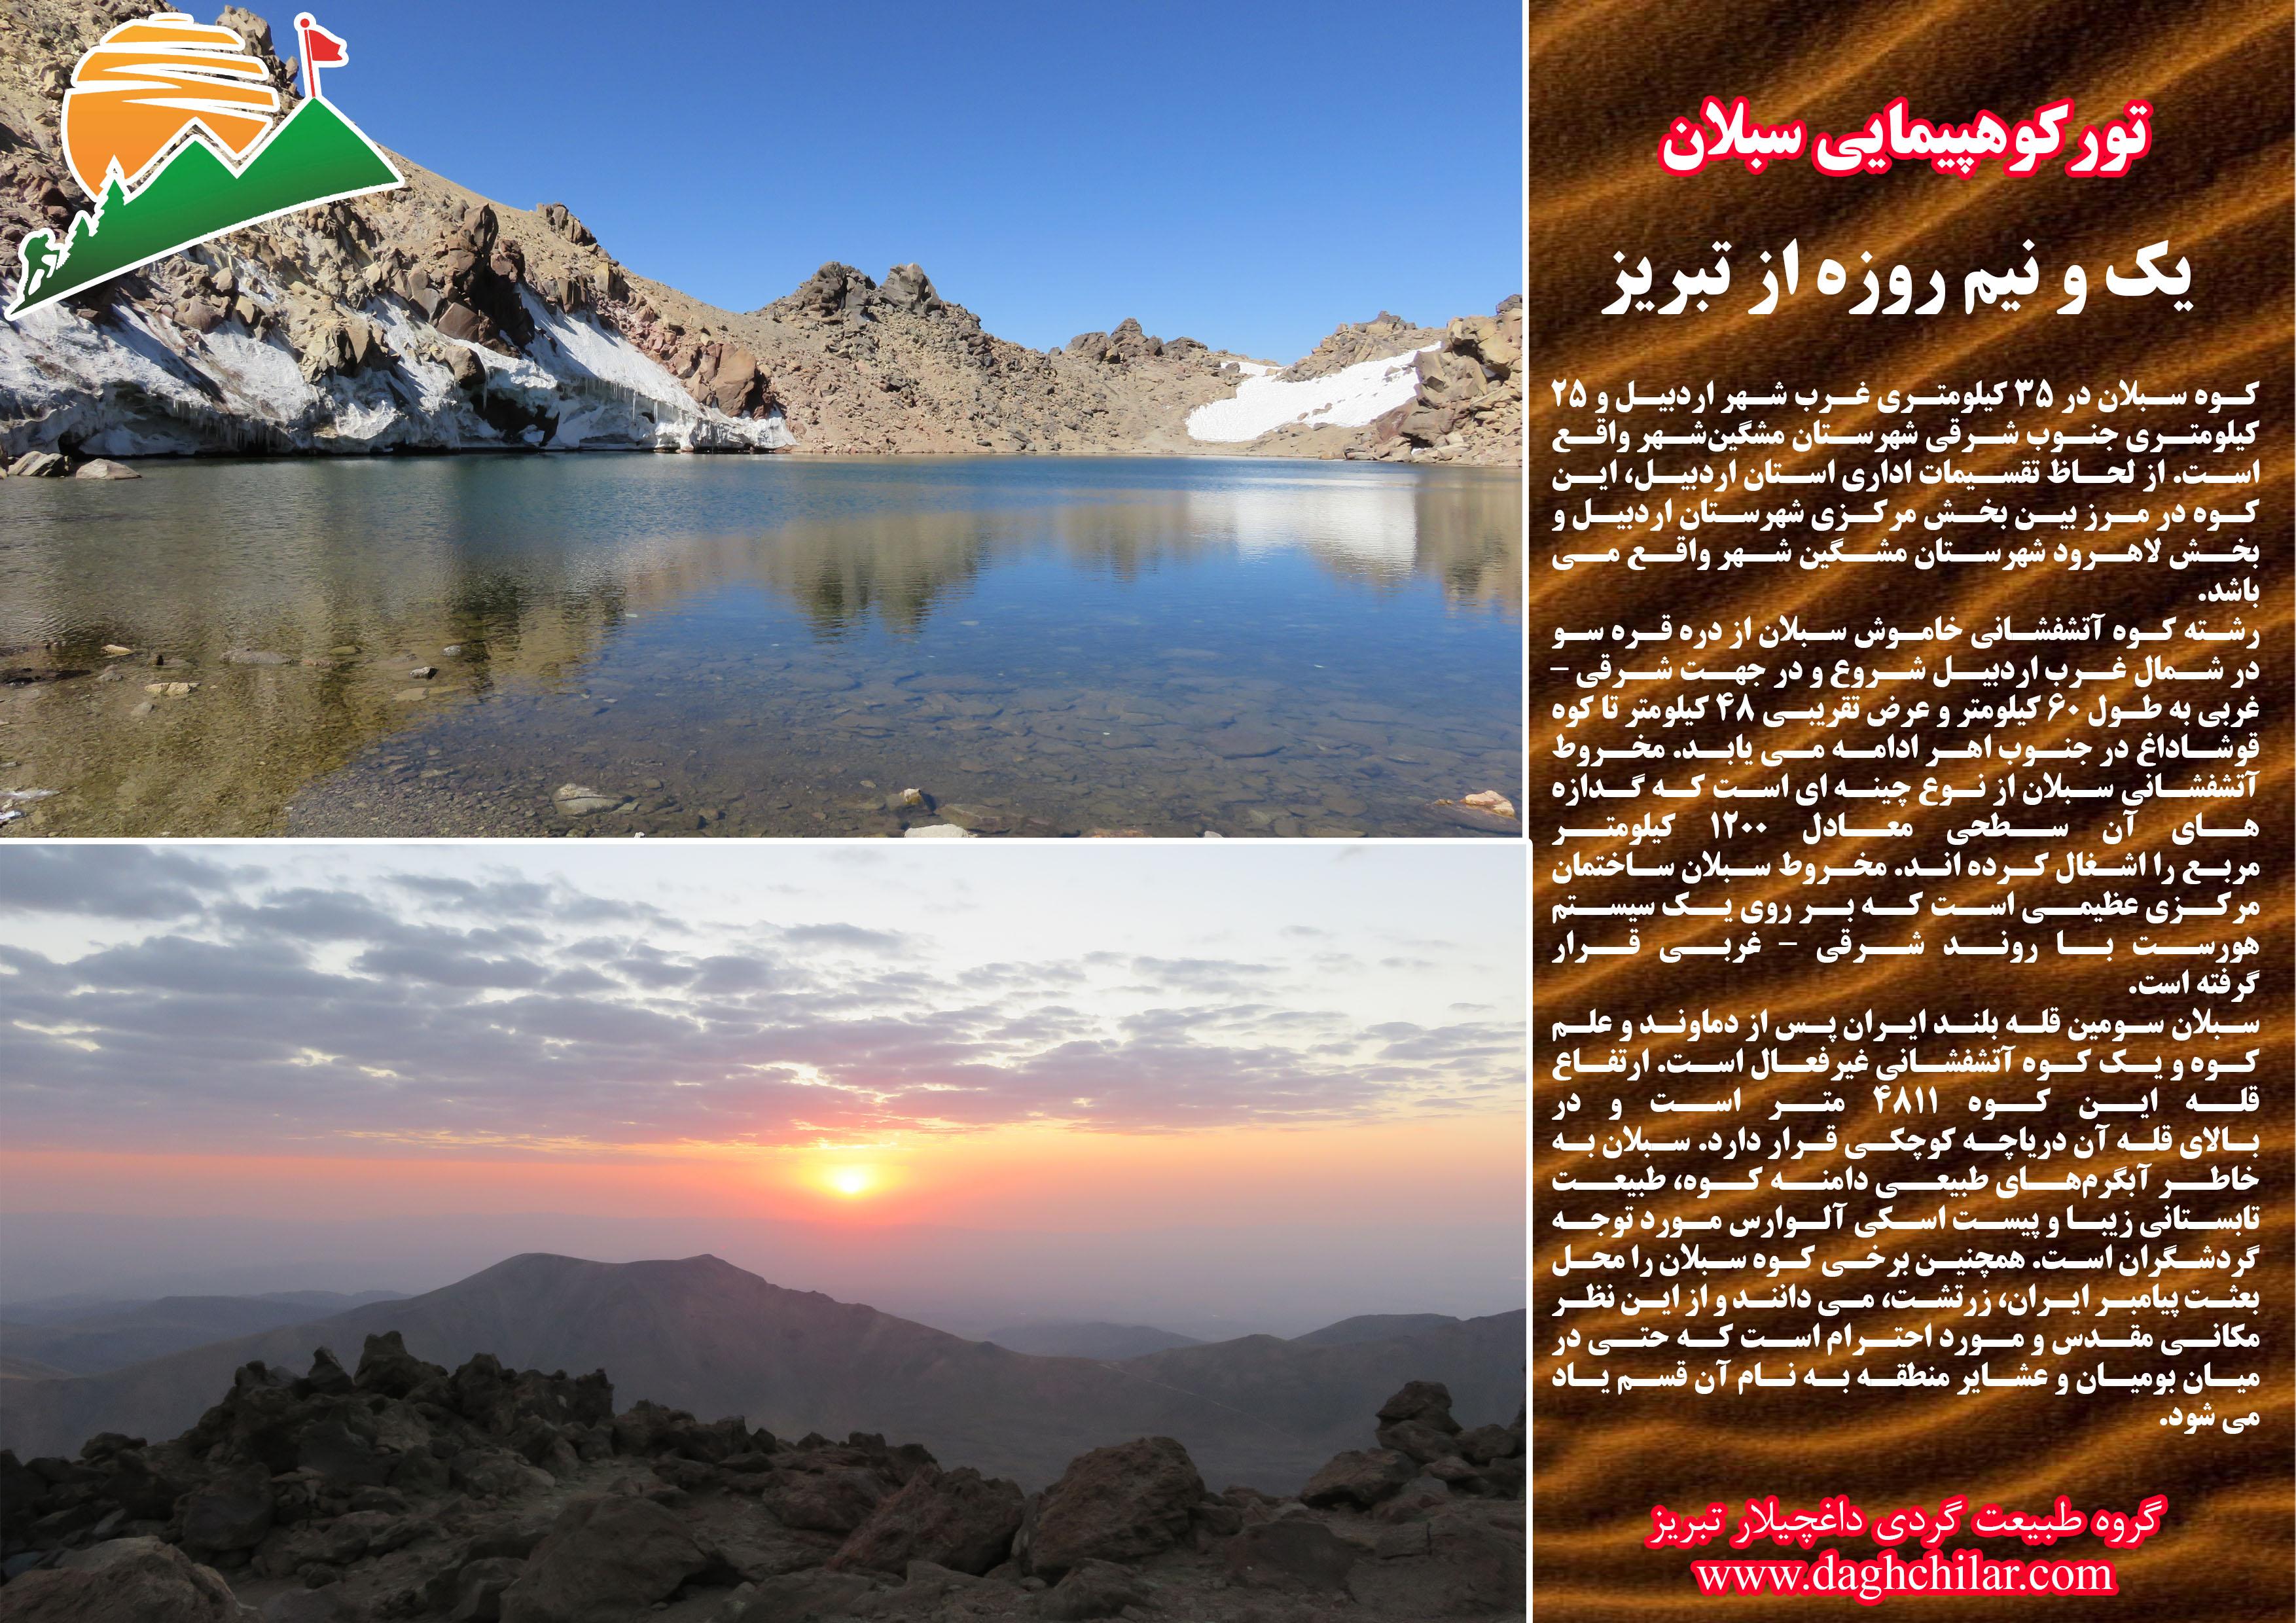 تصویر از تور پیشنهادی کوهپیمایی سبلان اردبیل